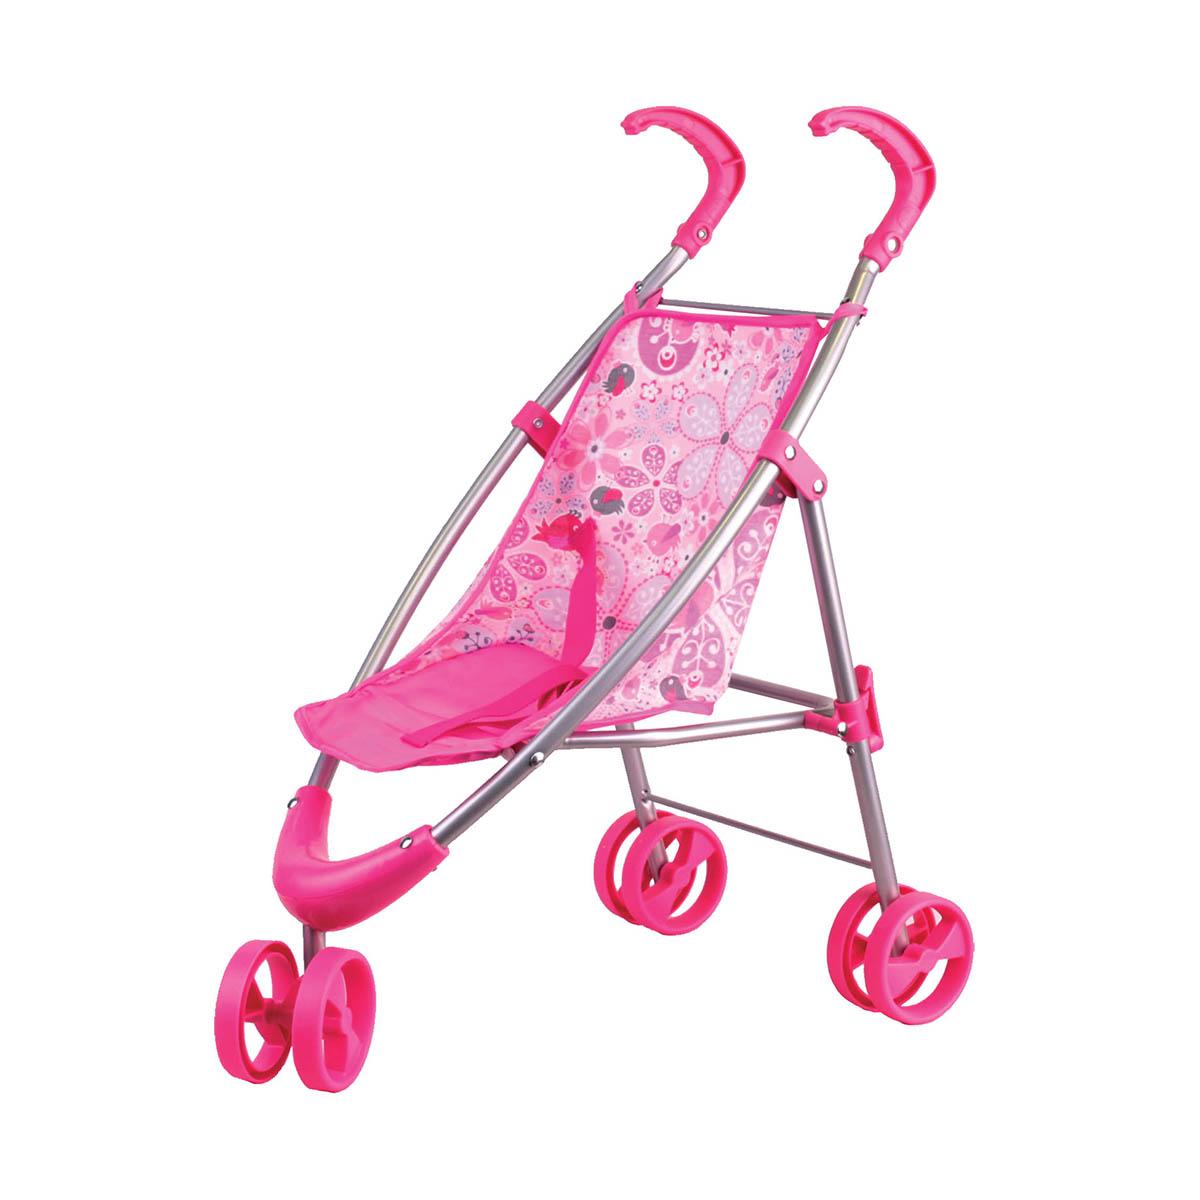 Прогулочная коляска розовая - Коляски для кукол, артикул: 159026